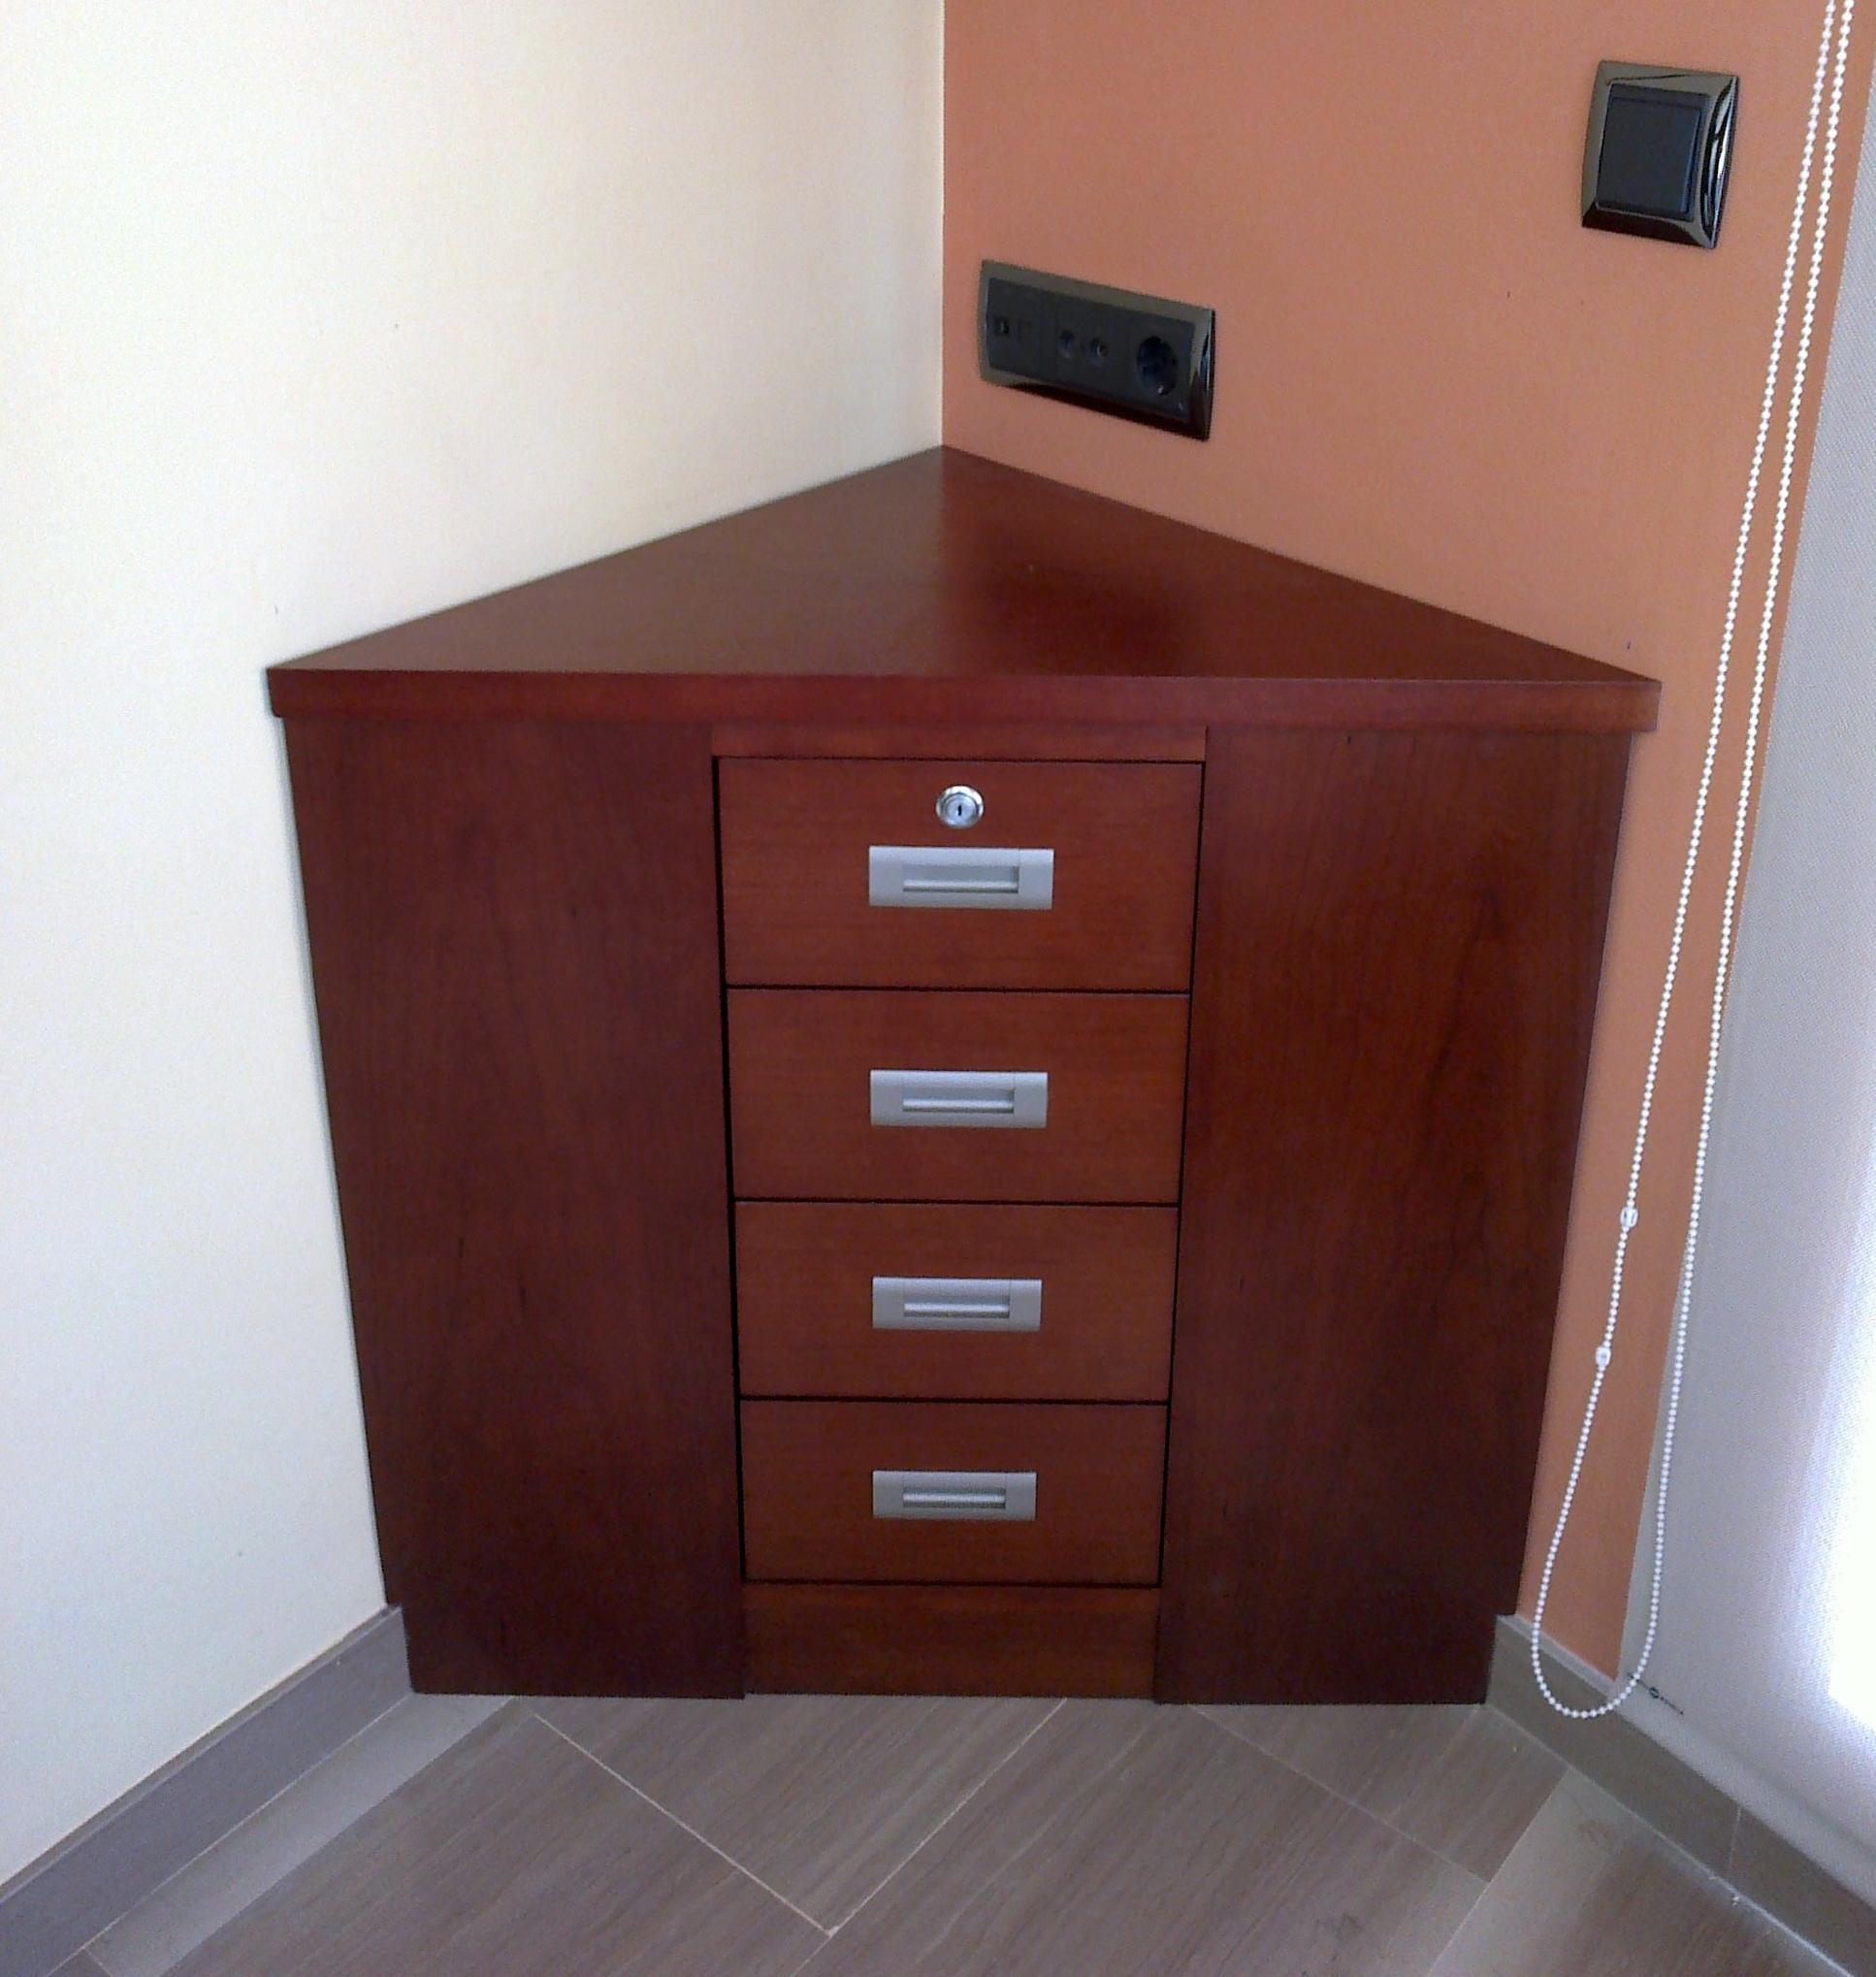 Mueble cajonera rinconera en Cerezo tintado